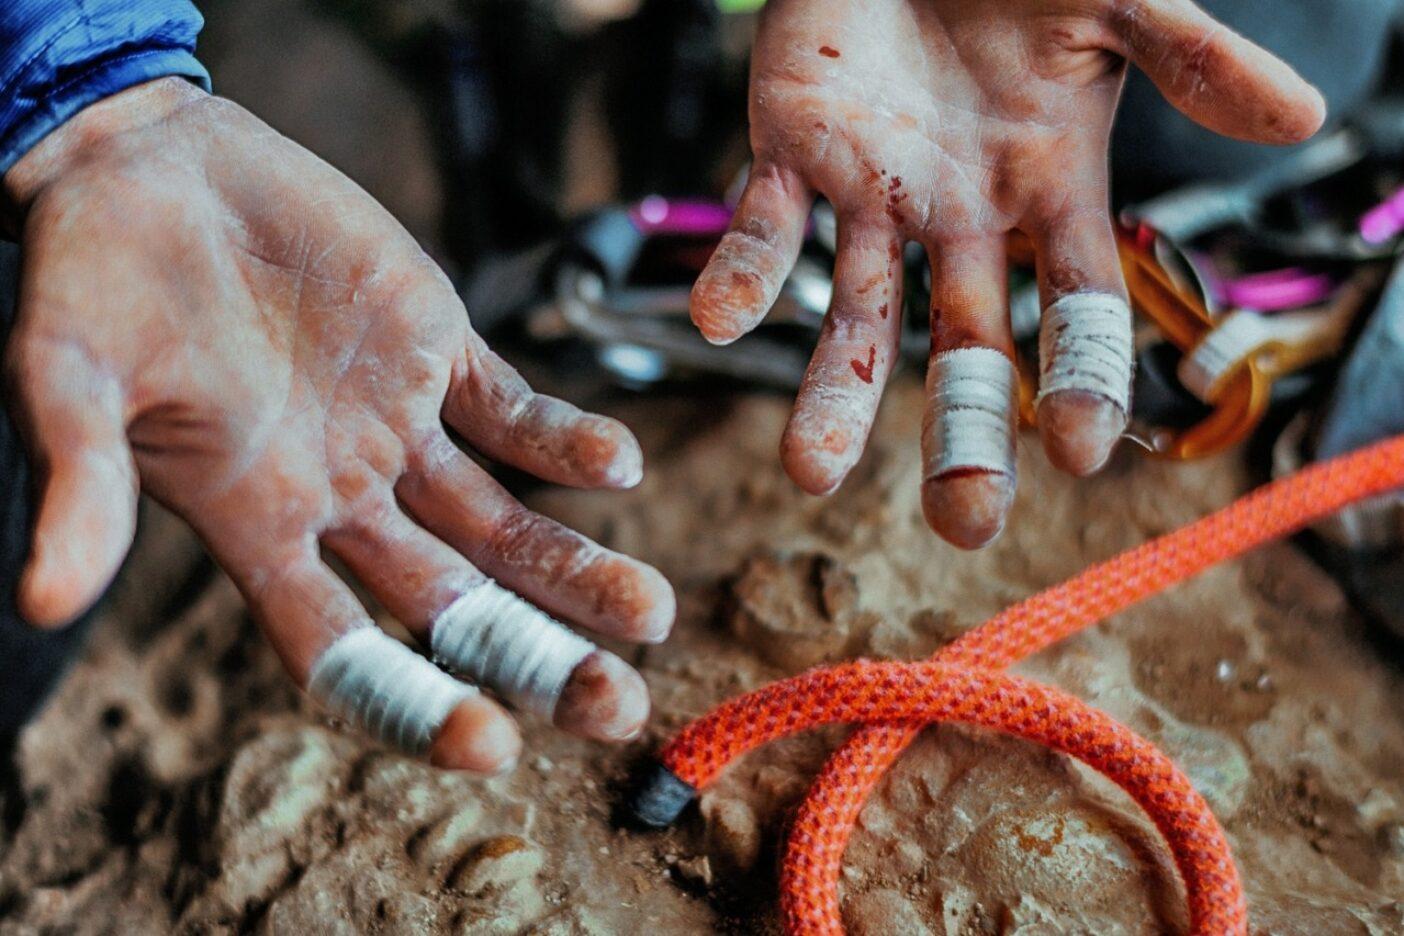 小さな鋭いホールドは何日も登ると災いをもたらす。最後のトライでは両手の人差し指のシワをテープで巻いた。Photo:Ken Etzel